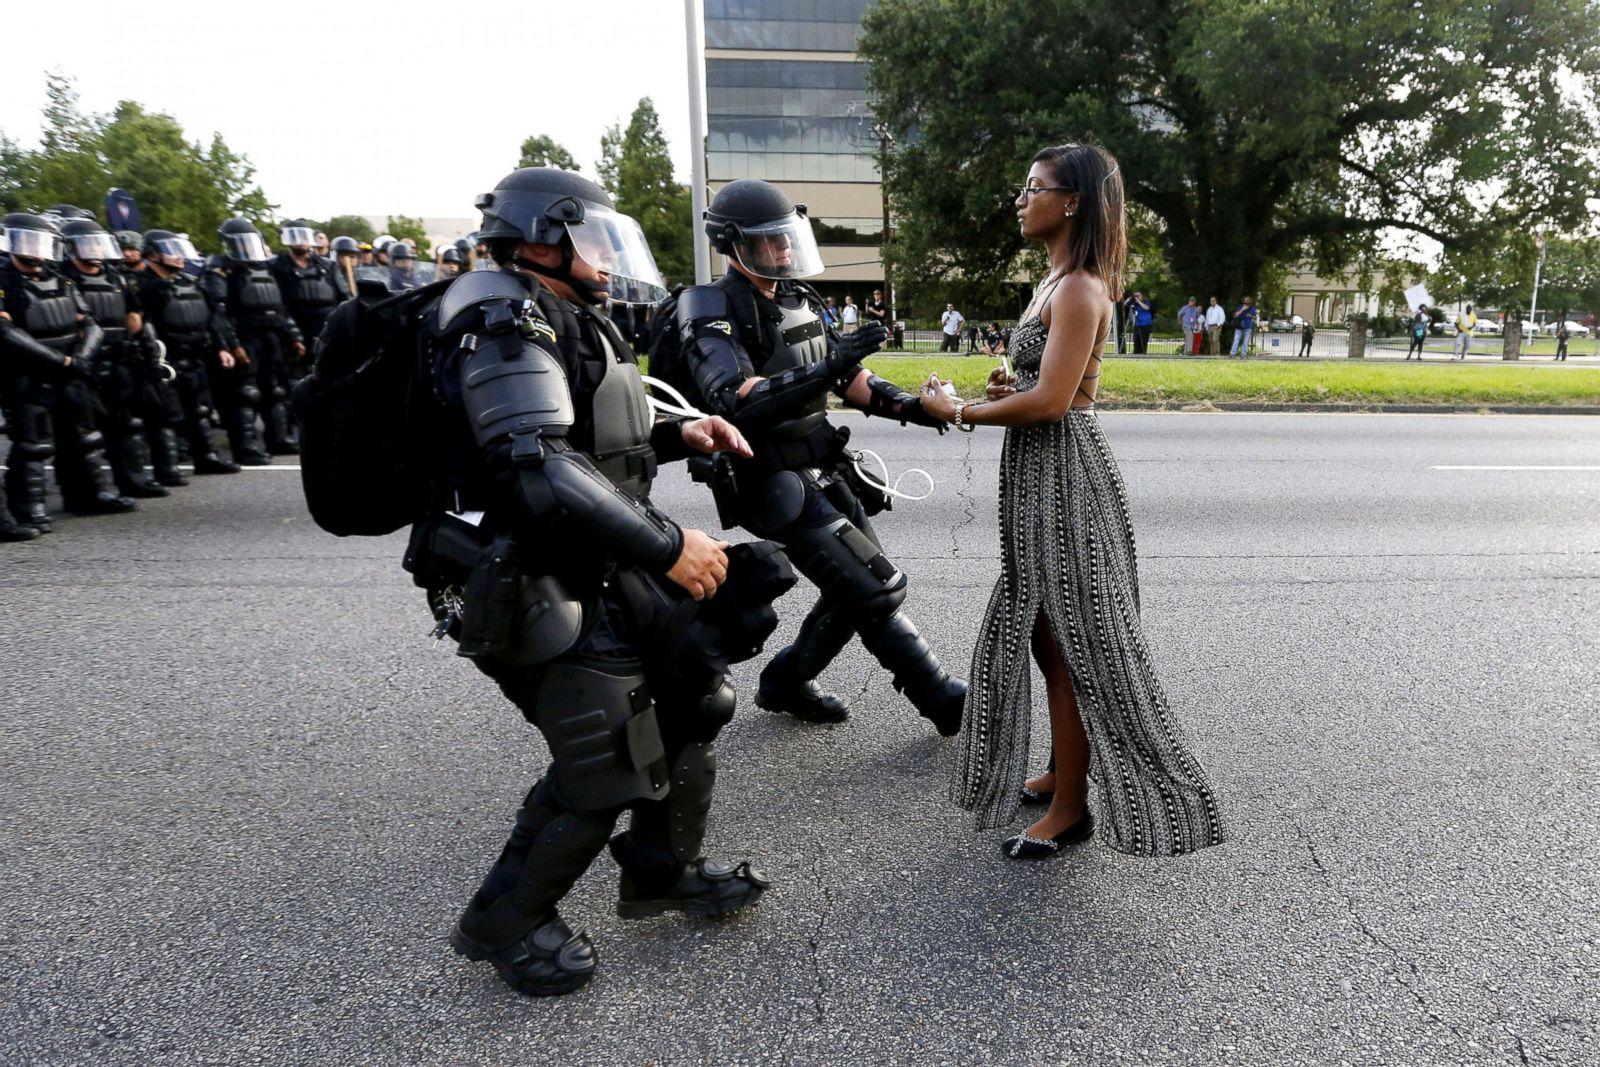 Ieshia Evans es detenida por las fuerzas del orden en Baton Rouge, Luisiana, el 9 de julio de 2016, durante una manifestación tras el asesinato de Alton Sterling. Fotografía: Jonathan Bachman/Reuters